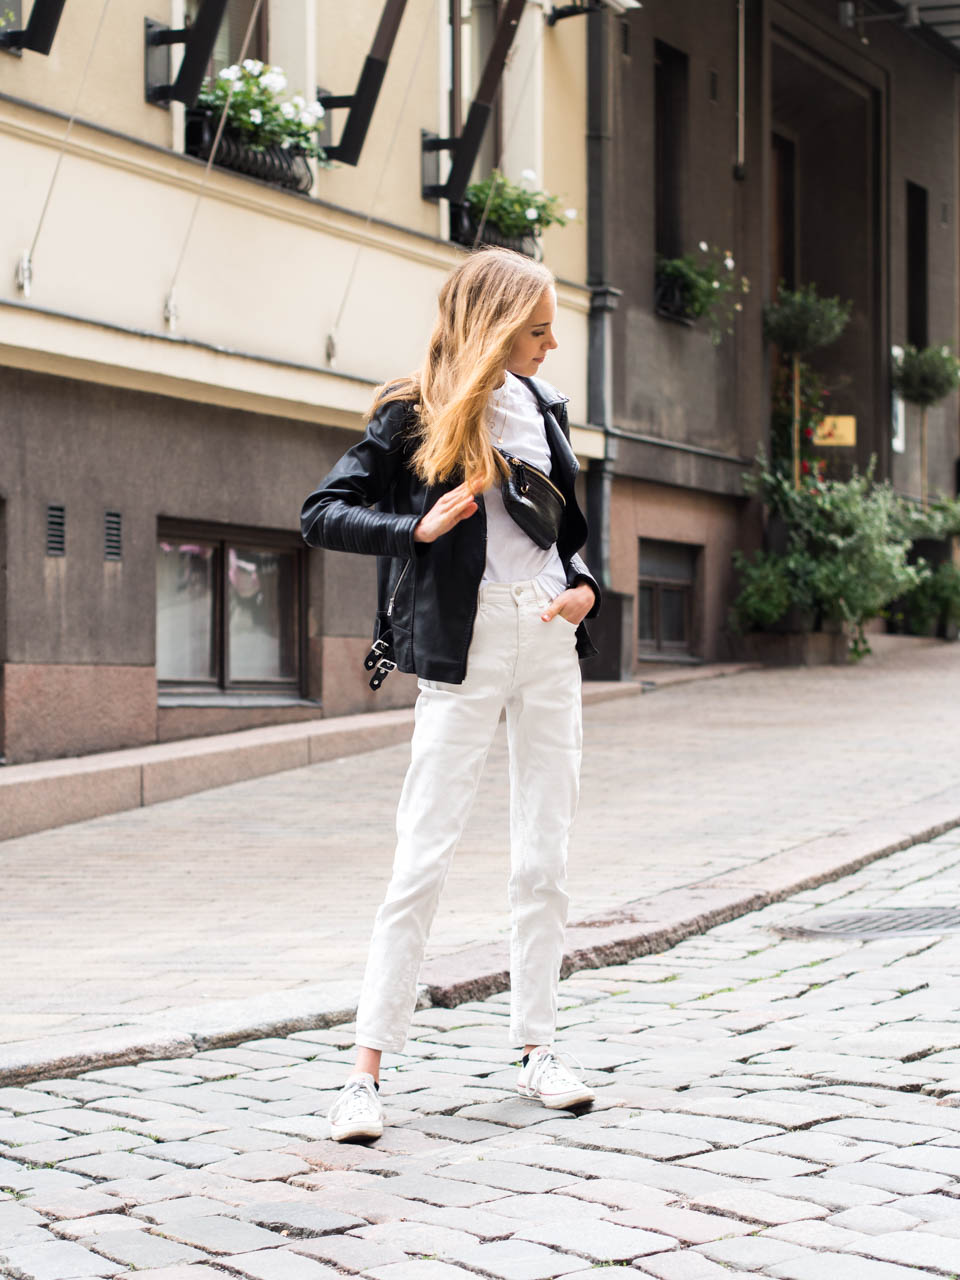 minimal-monochrome-outfit-streetstyle-helsinki-fashion-shopping-guide-muoti-shoppailu-bloggaaja-syysmuoti